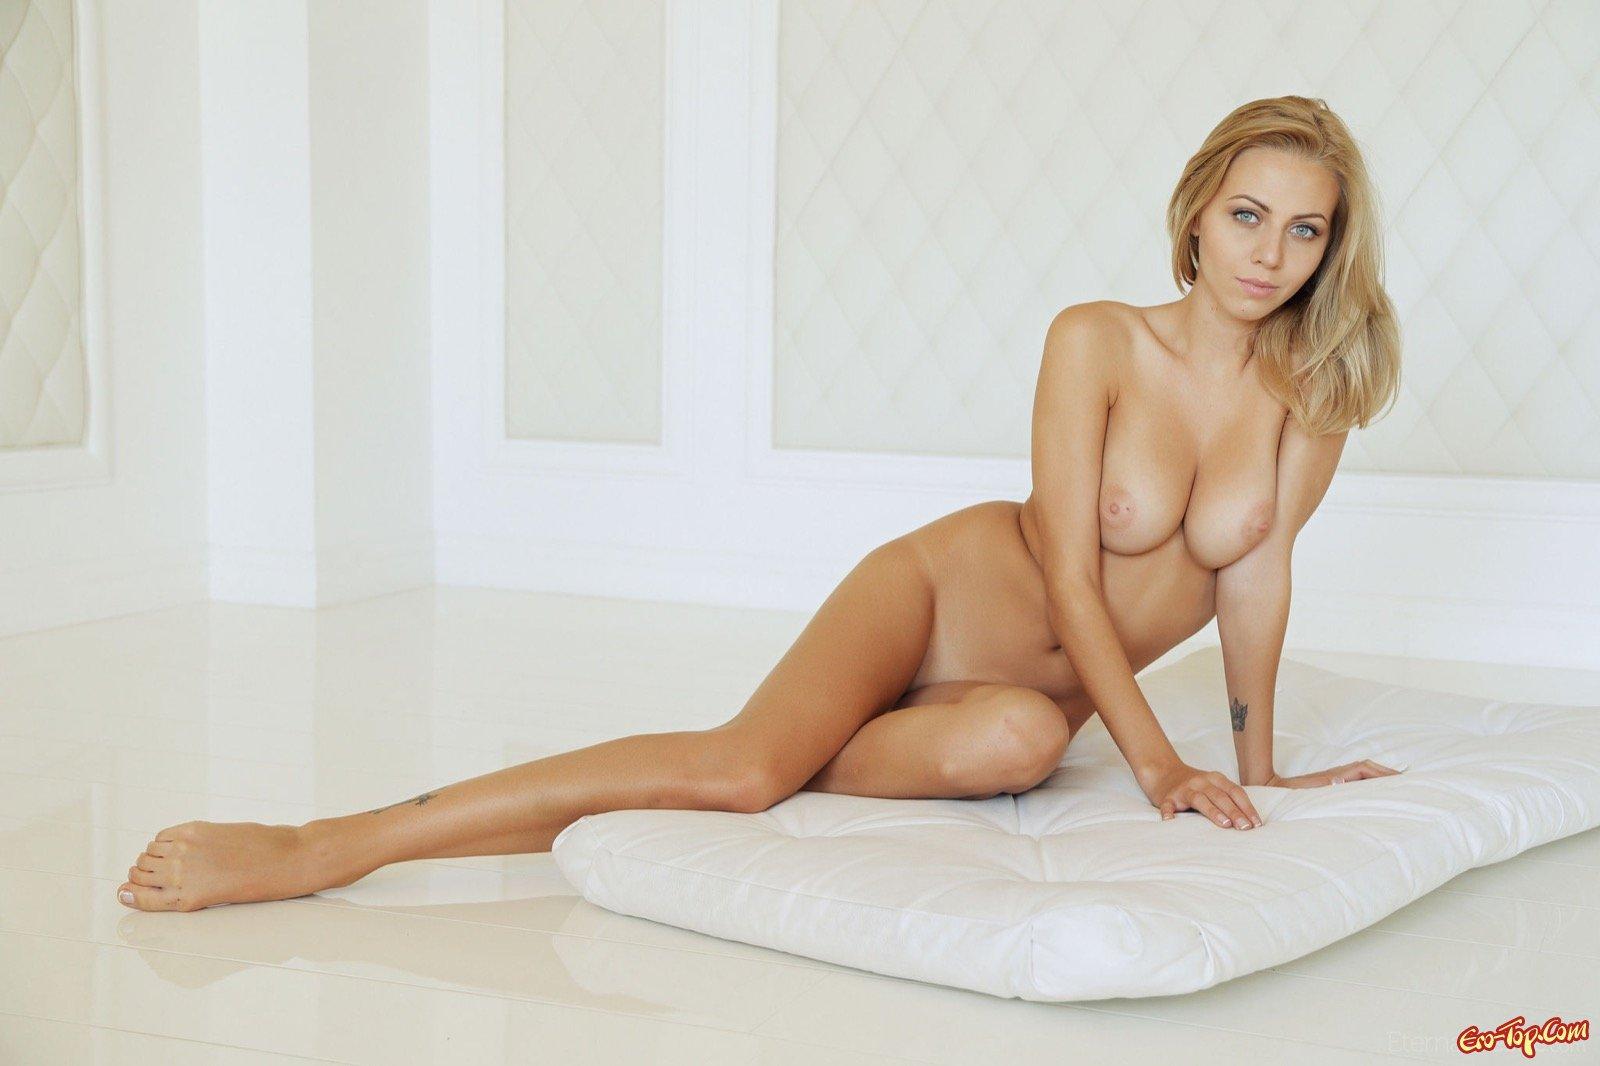 Привлекательная раздетая тёлка с привлекательной задницей